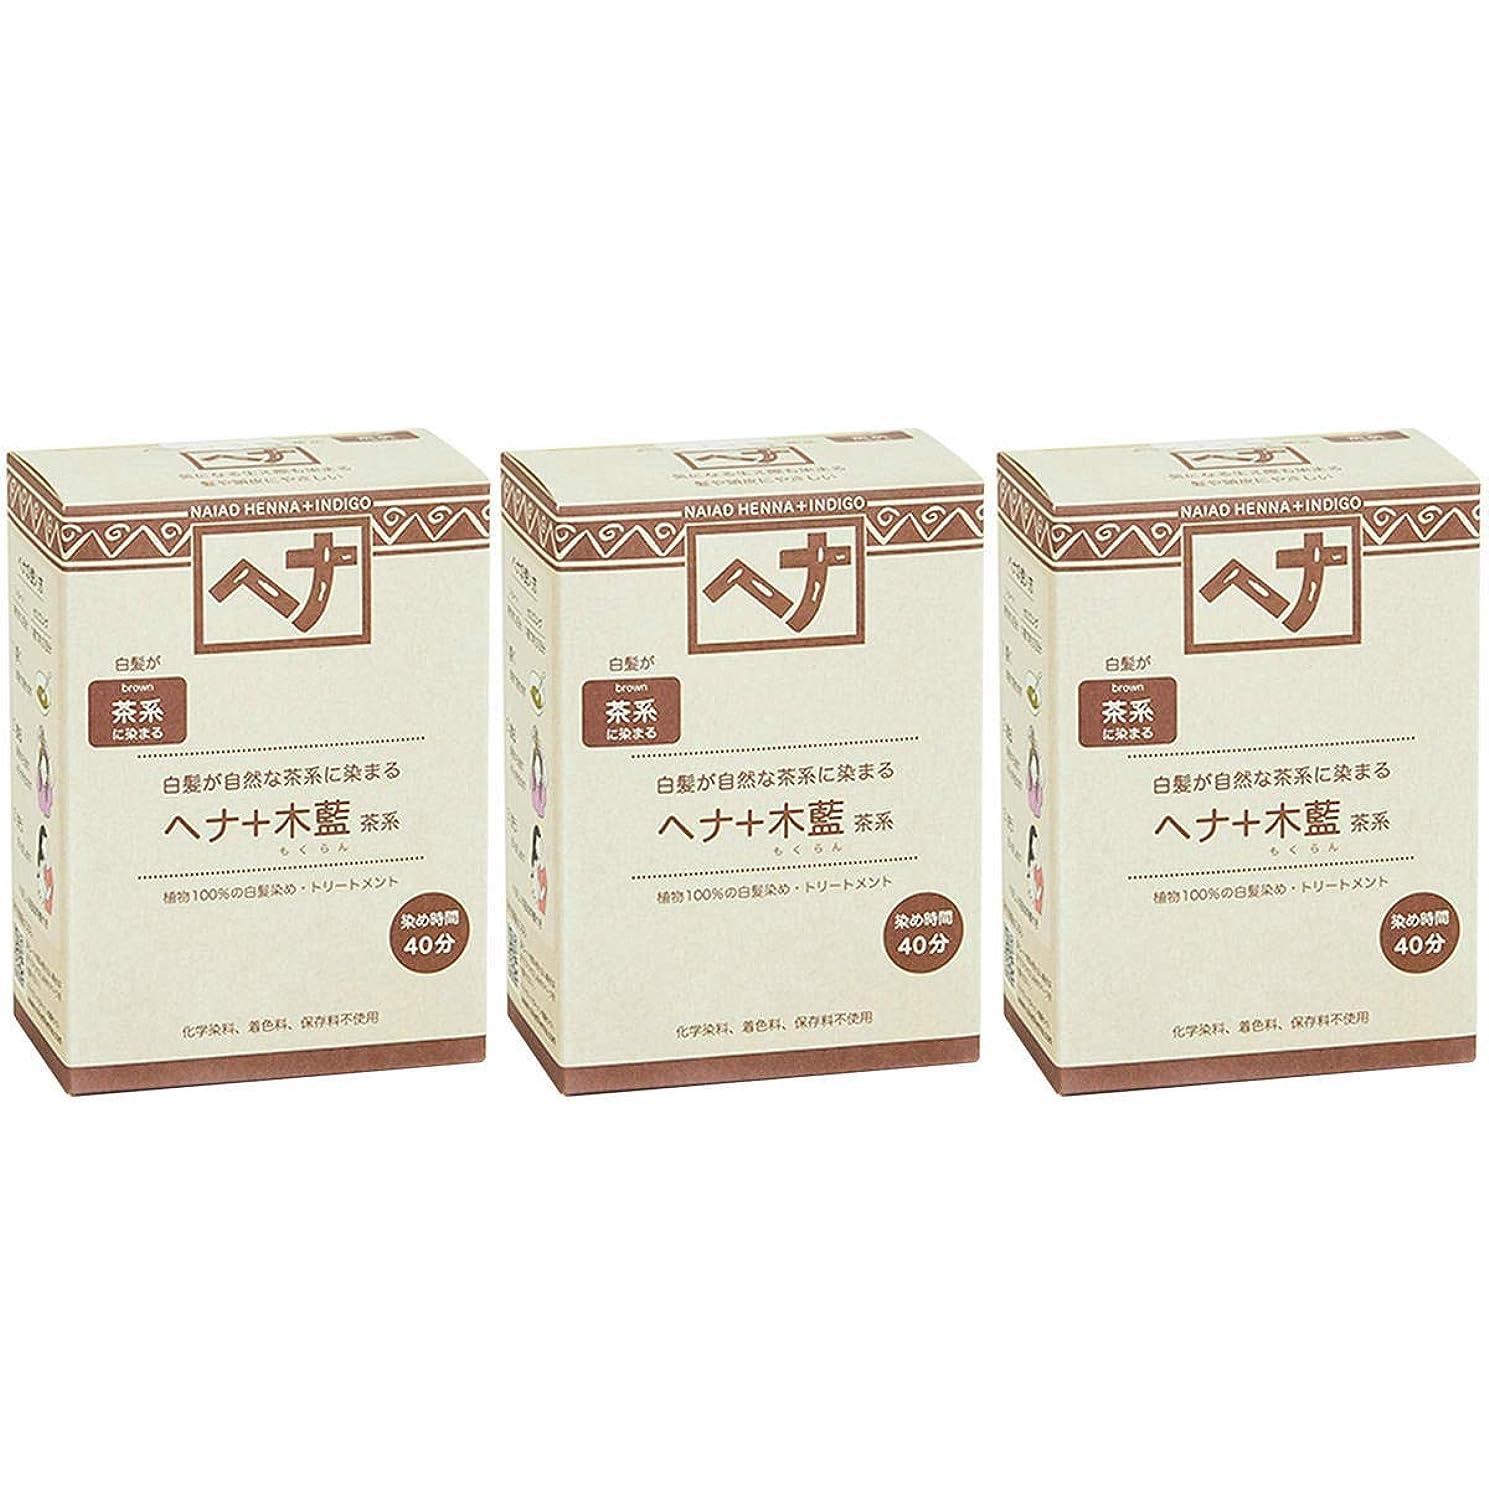 廃棄より平らなヒューズナイアード ヘナ + 木藍 茶系 白髪が自然な茶系に染まる 100g 3個セット